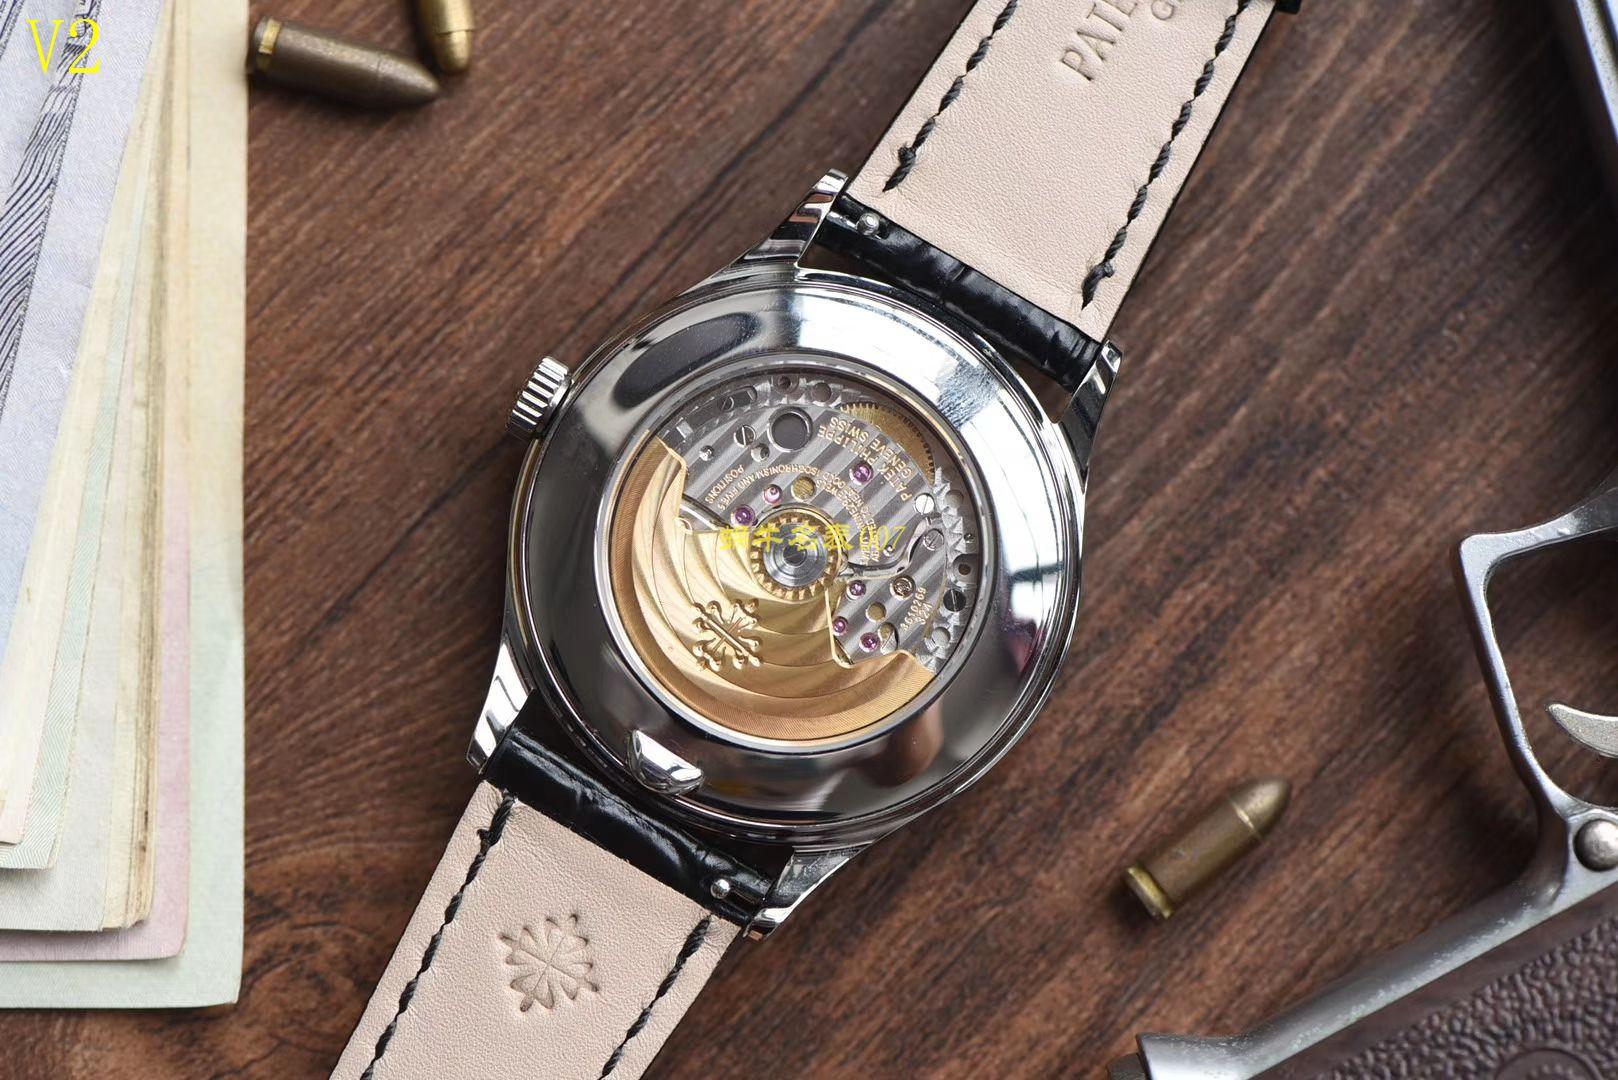 【台湾厂一比一精仿手表】百达翡丽复杂功能计时系列5396G-011男表 / BD170